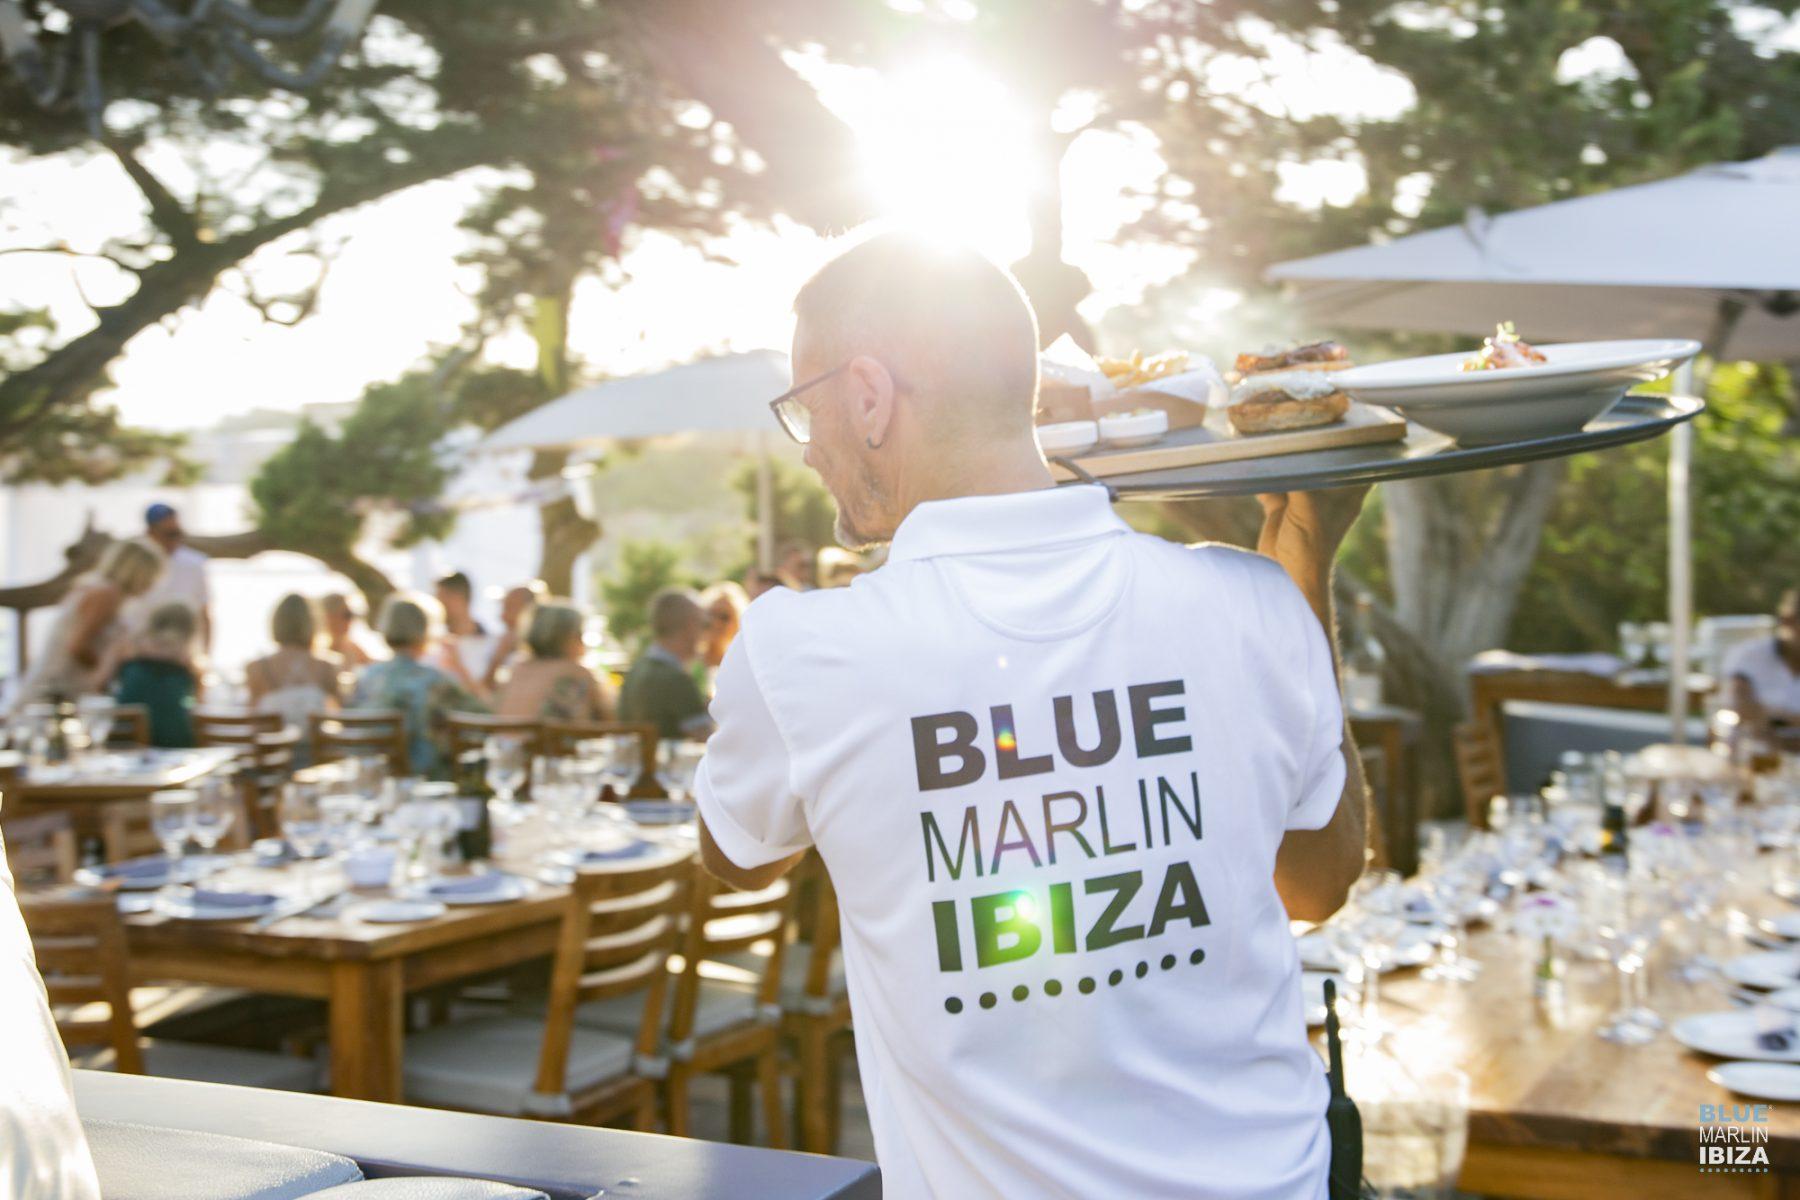 Blue Marlin Beach Club Ibiza